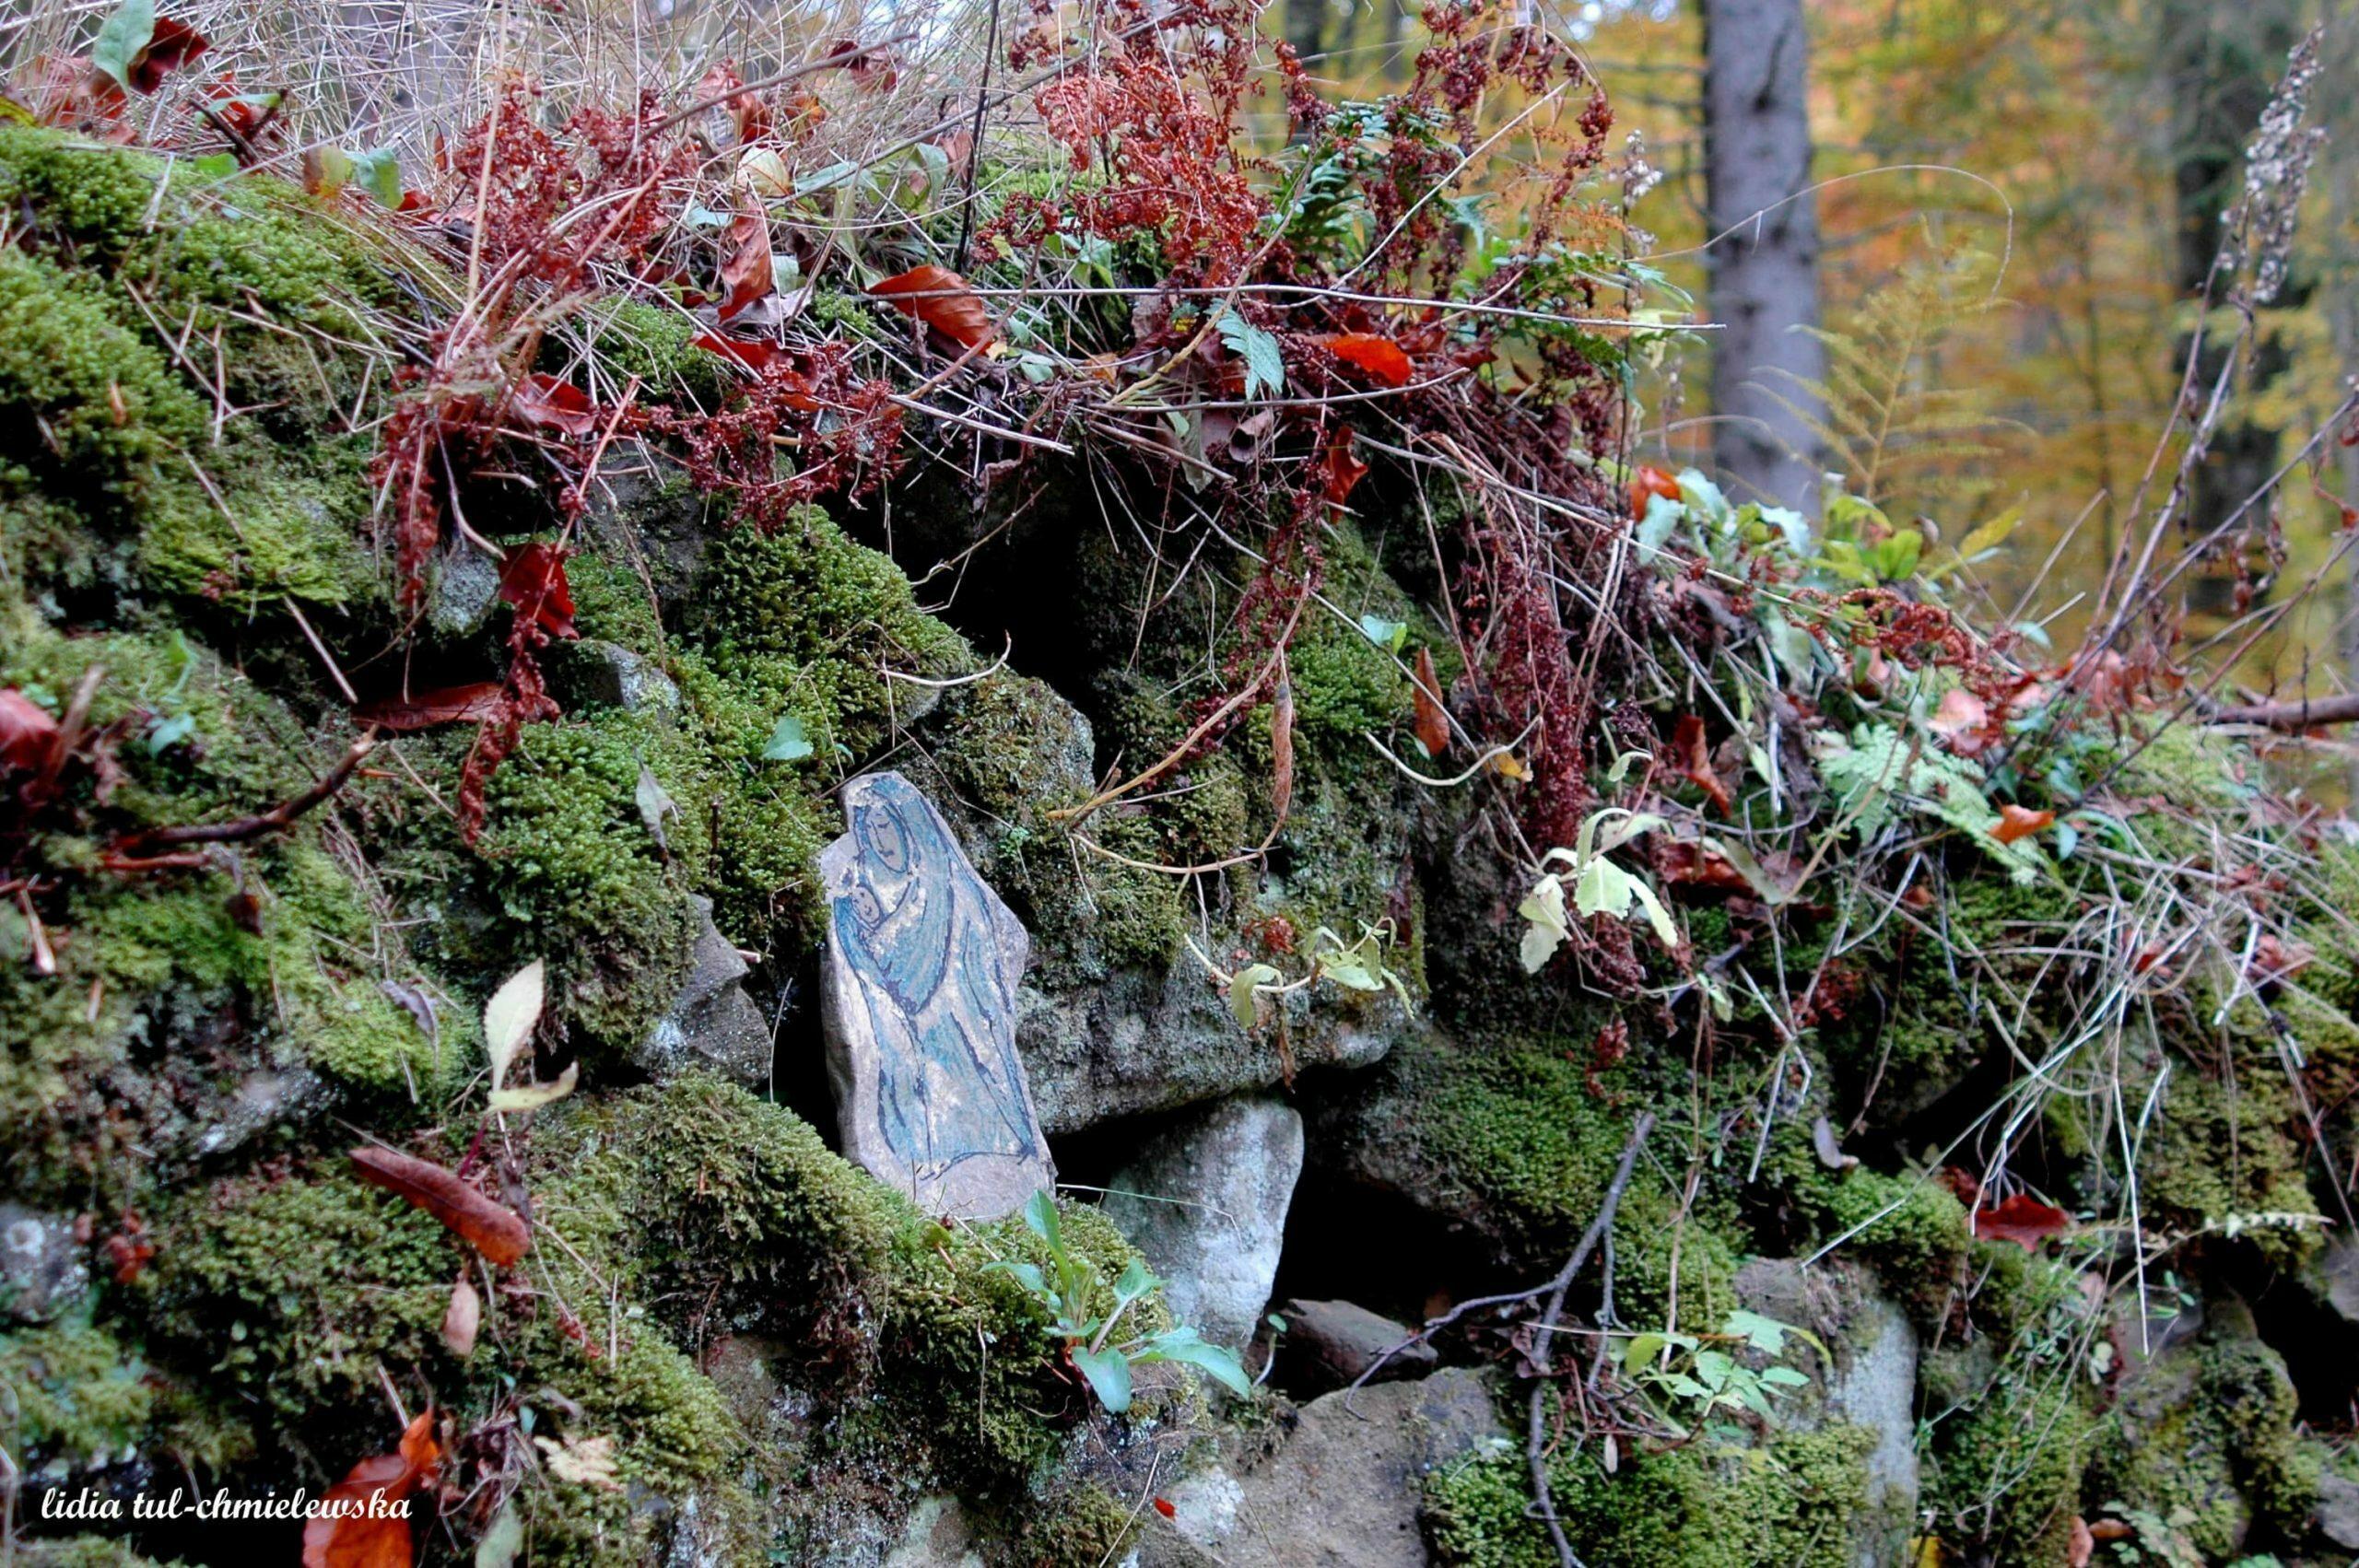 Ślady nieistniejących wsi fot. Lidia Tul-Chmielewska